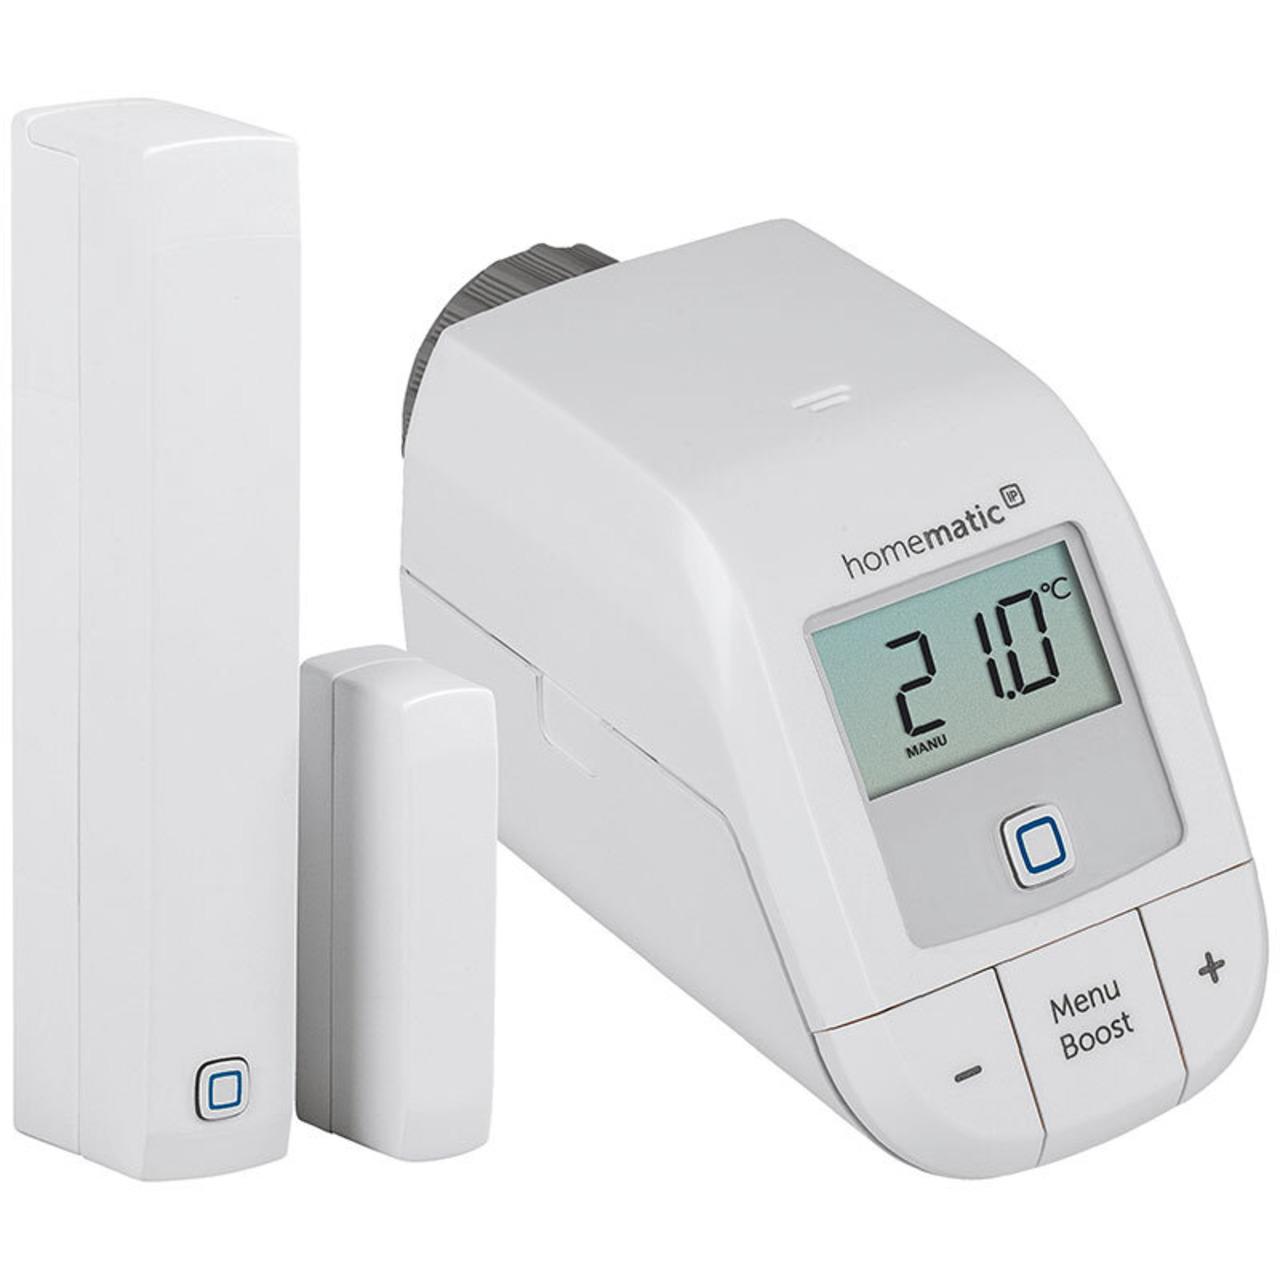 Homematic IP Smart Home Set Heizen - easy connect- Heizkörperthermostat und Fenster- und Türkontakt